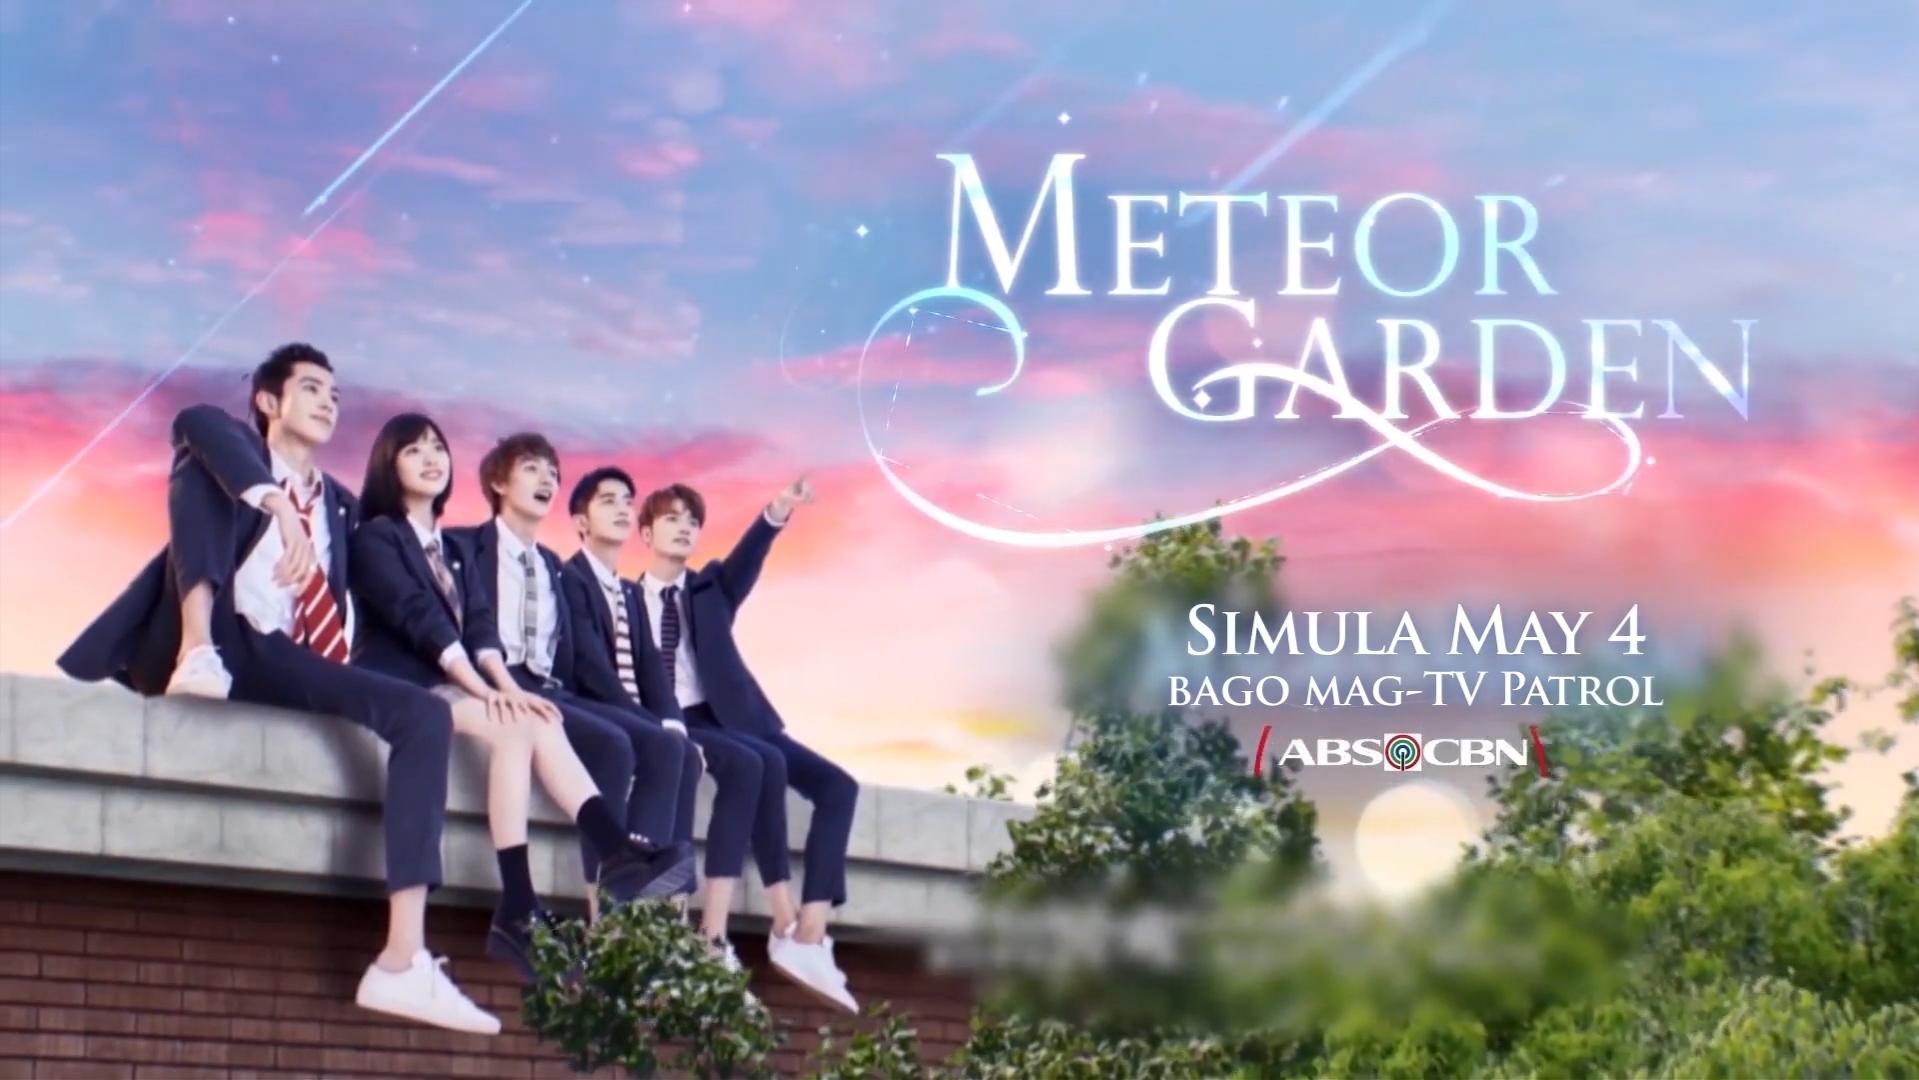 Meteor Garden 1x19 Episode 19 Trakt Tv